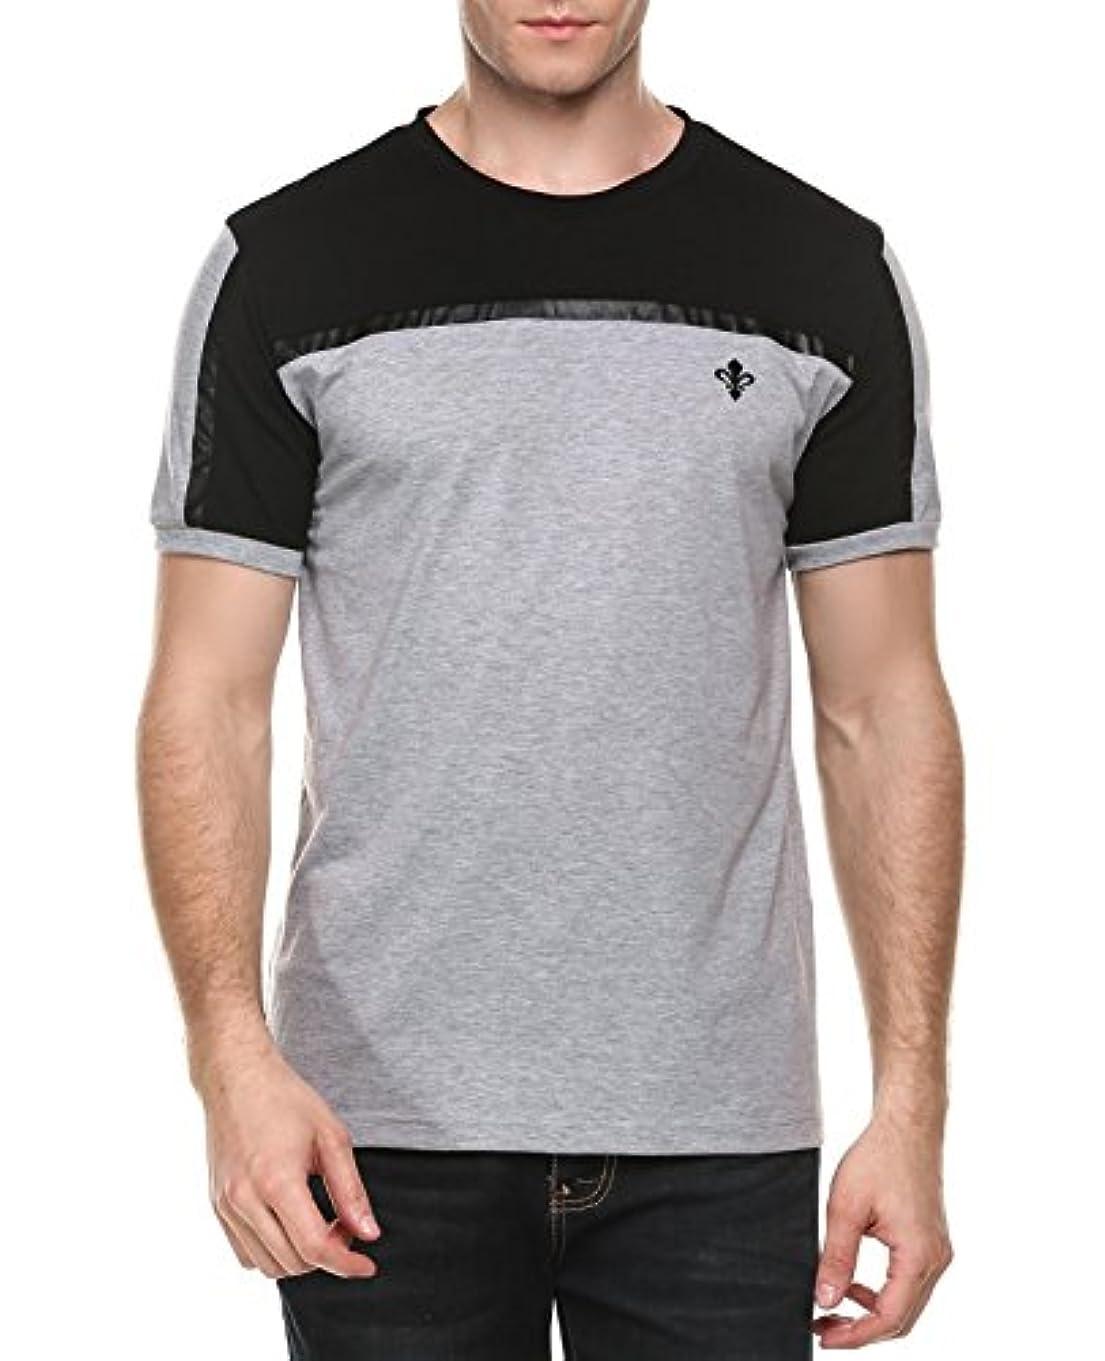 導入する暴行心配Coofandy ドライTシャツ メンズ 半袖 吸汗速乾 UVカット スポーツトプッス ファッション カジュアルシャツ メンズ登山ウェア